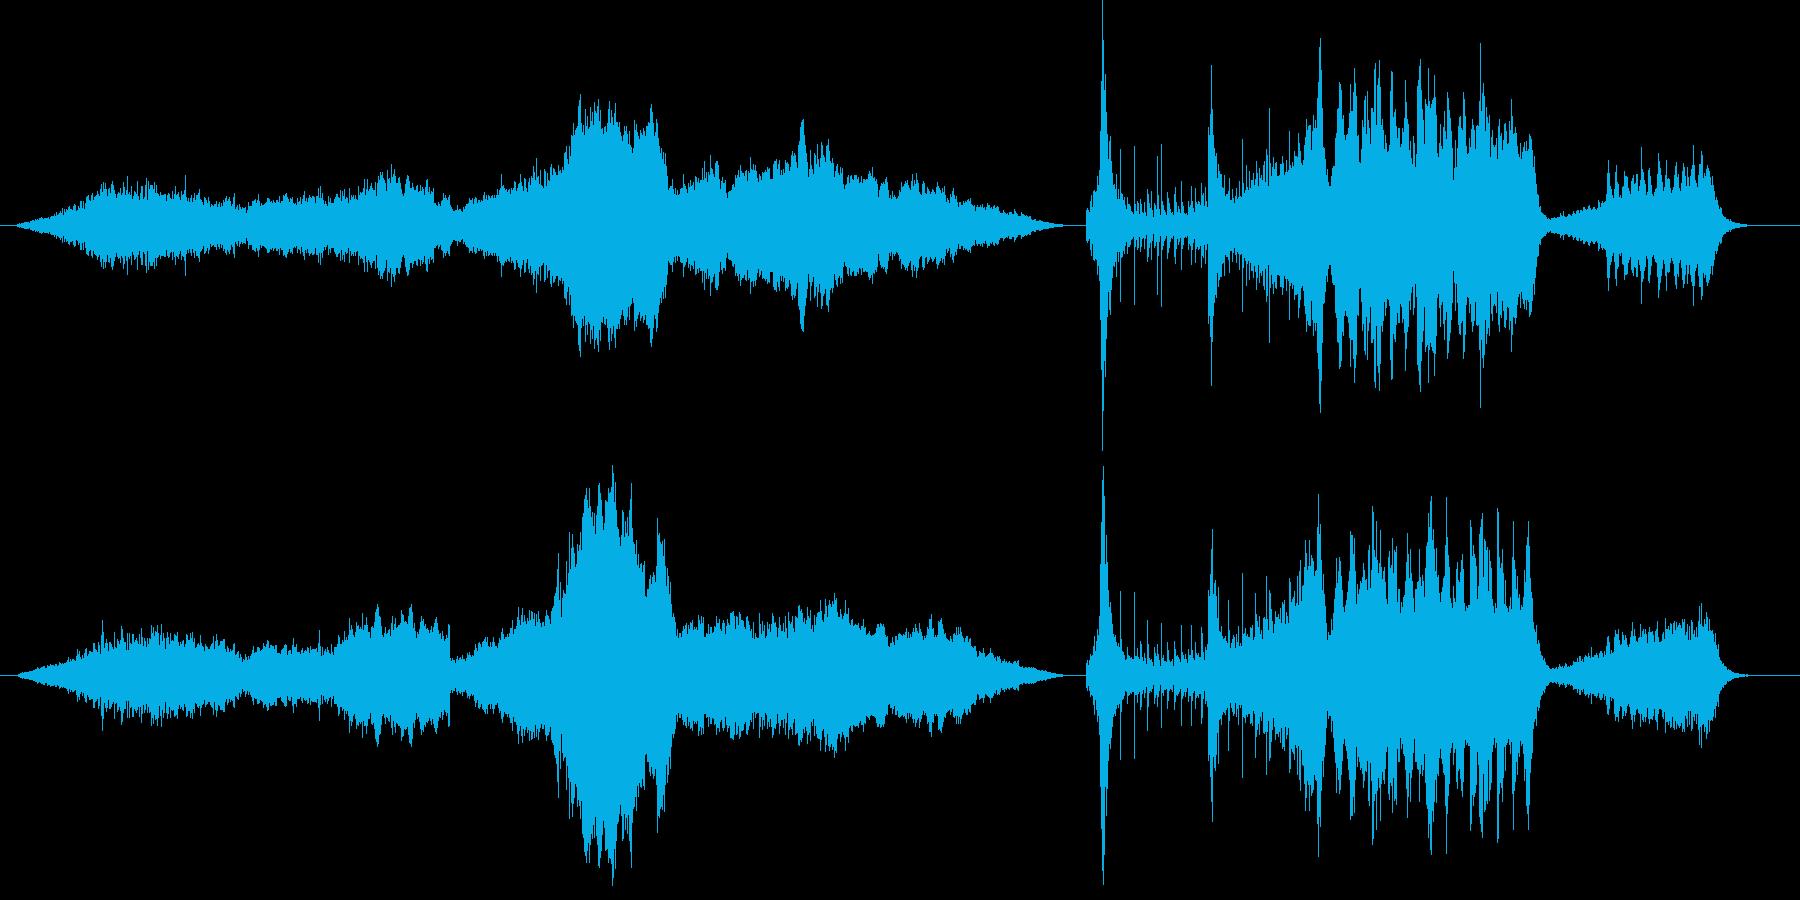 オーケストラを使った映画風BGMの再生済みの波形